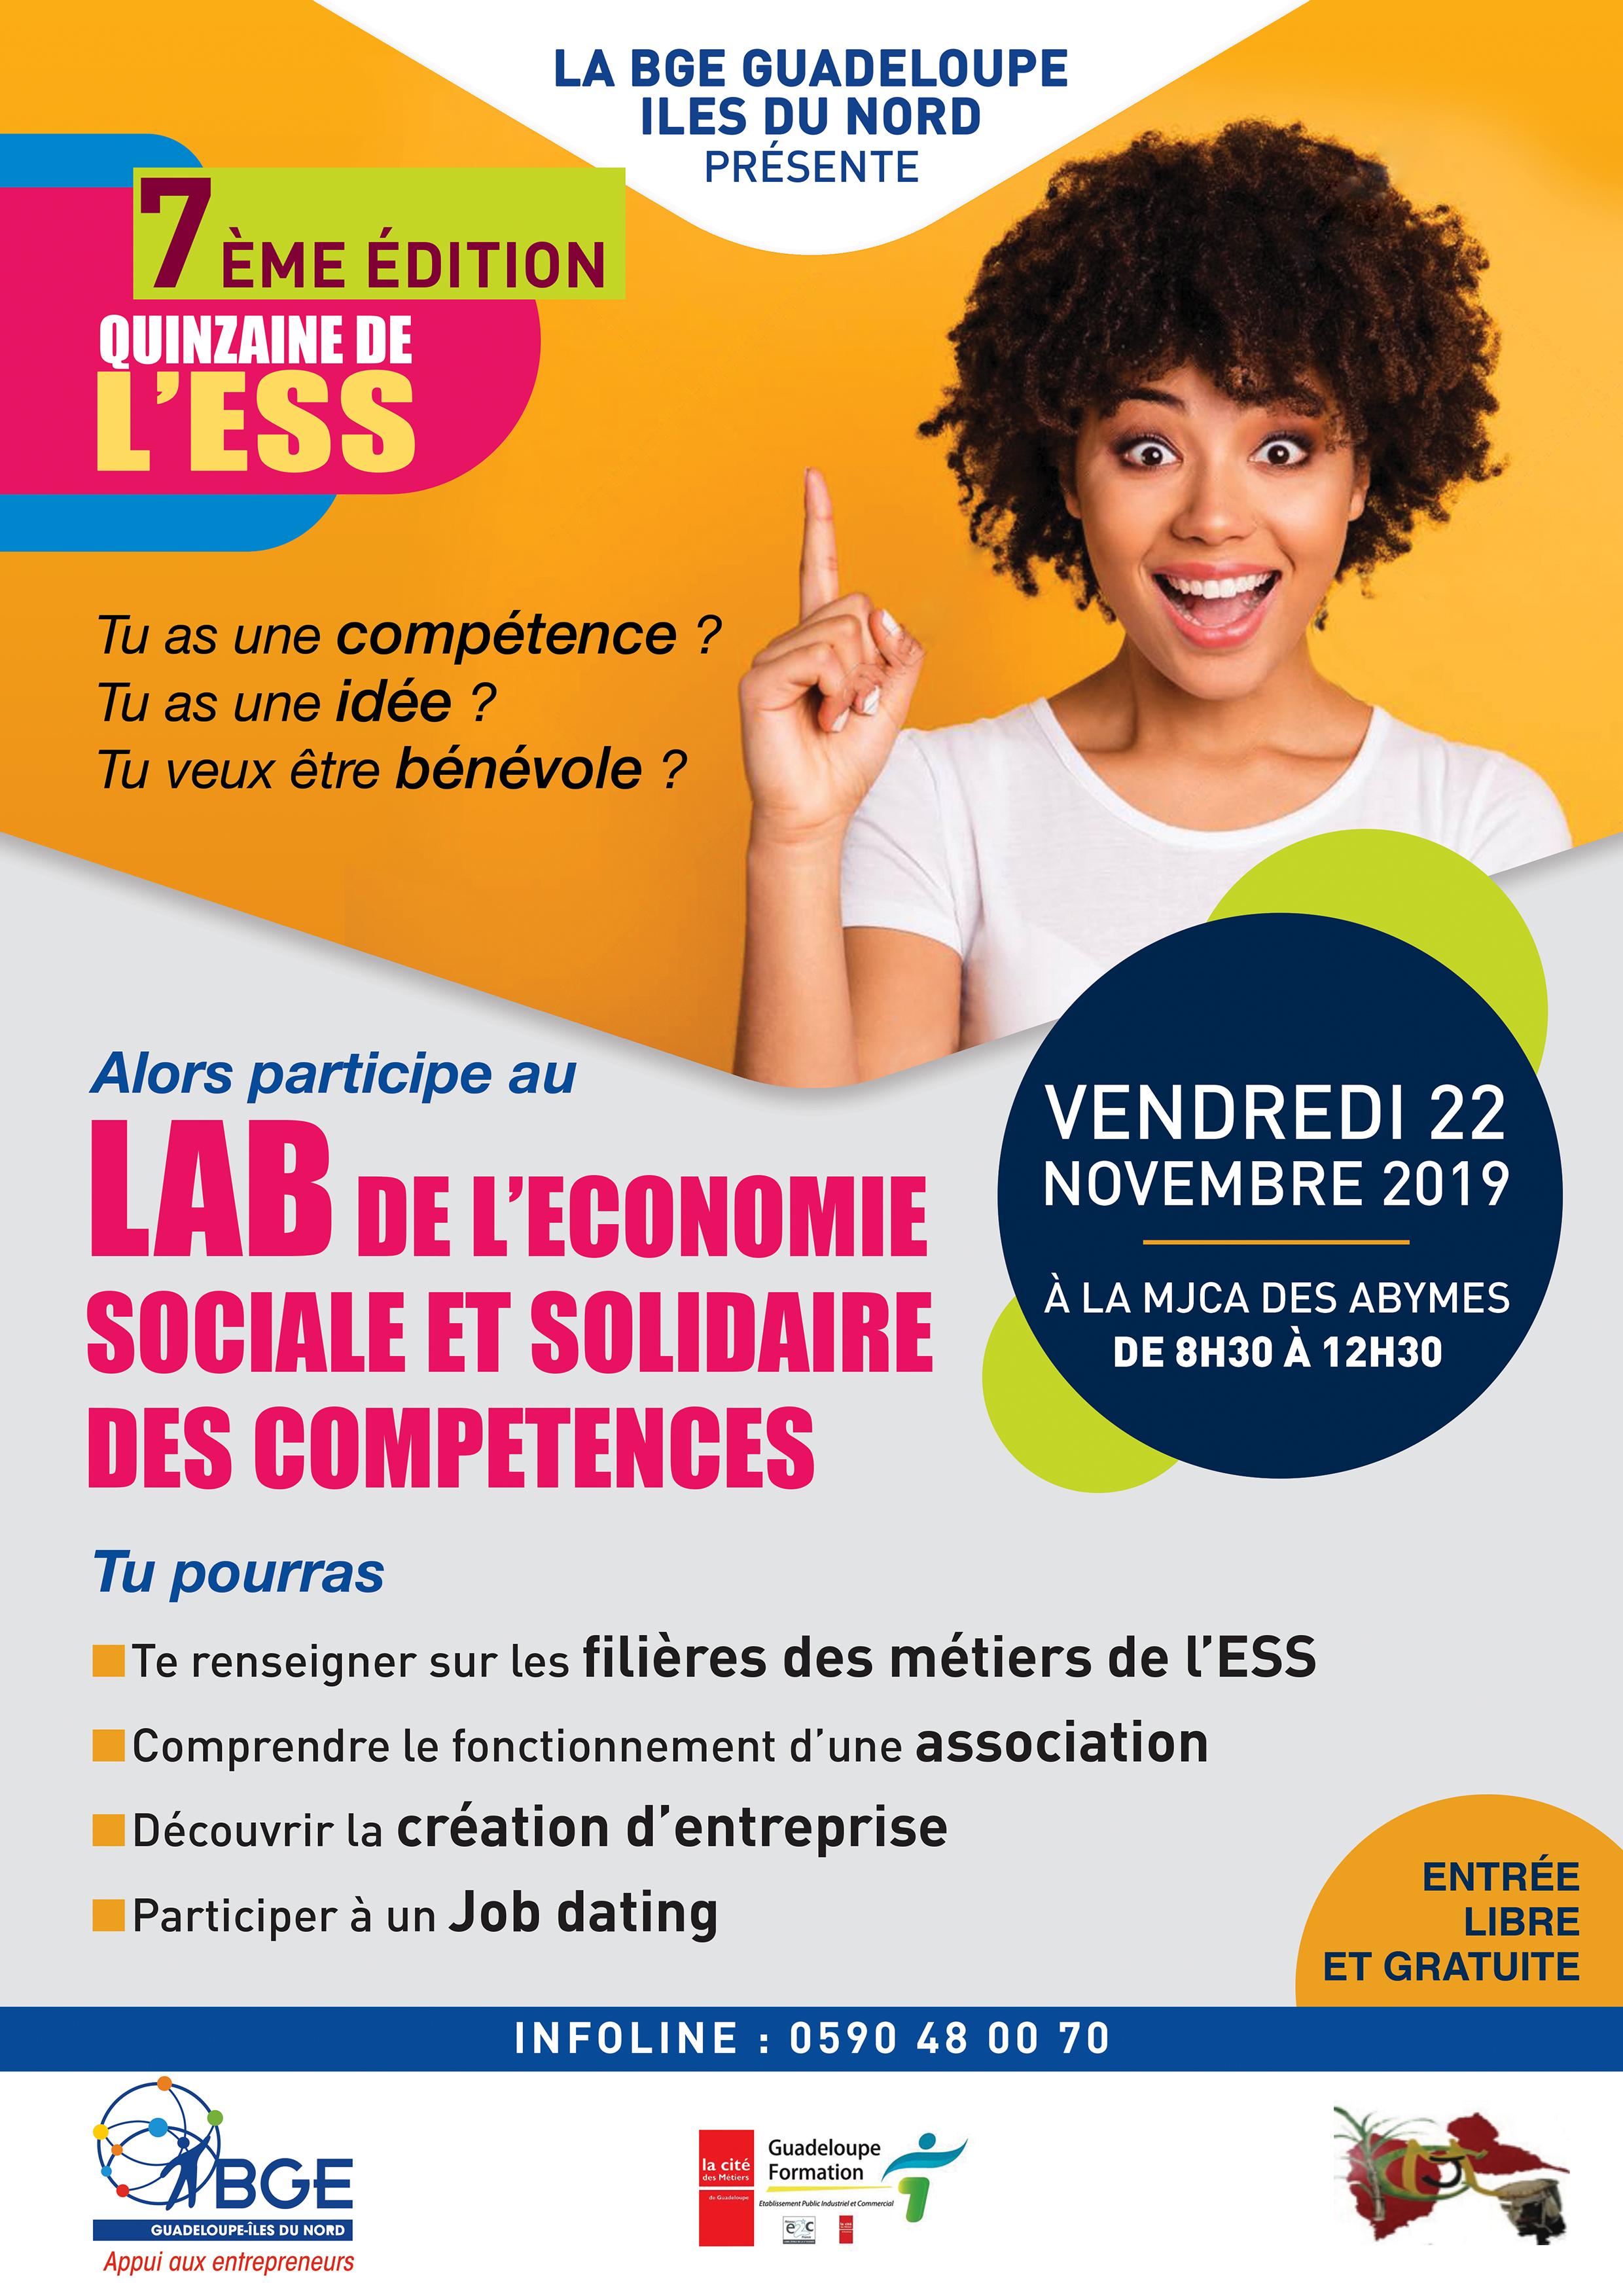 LAB de l'économie sociale et solidaire des compétences